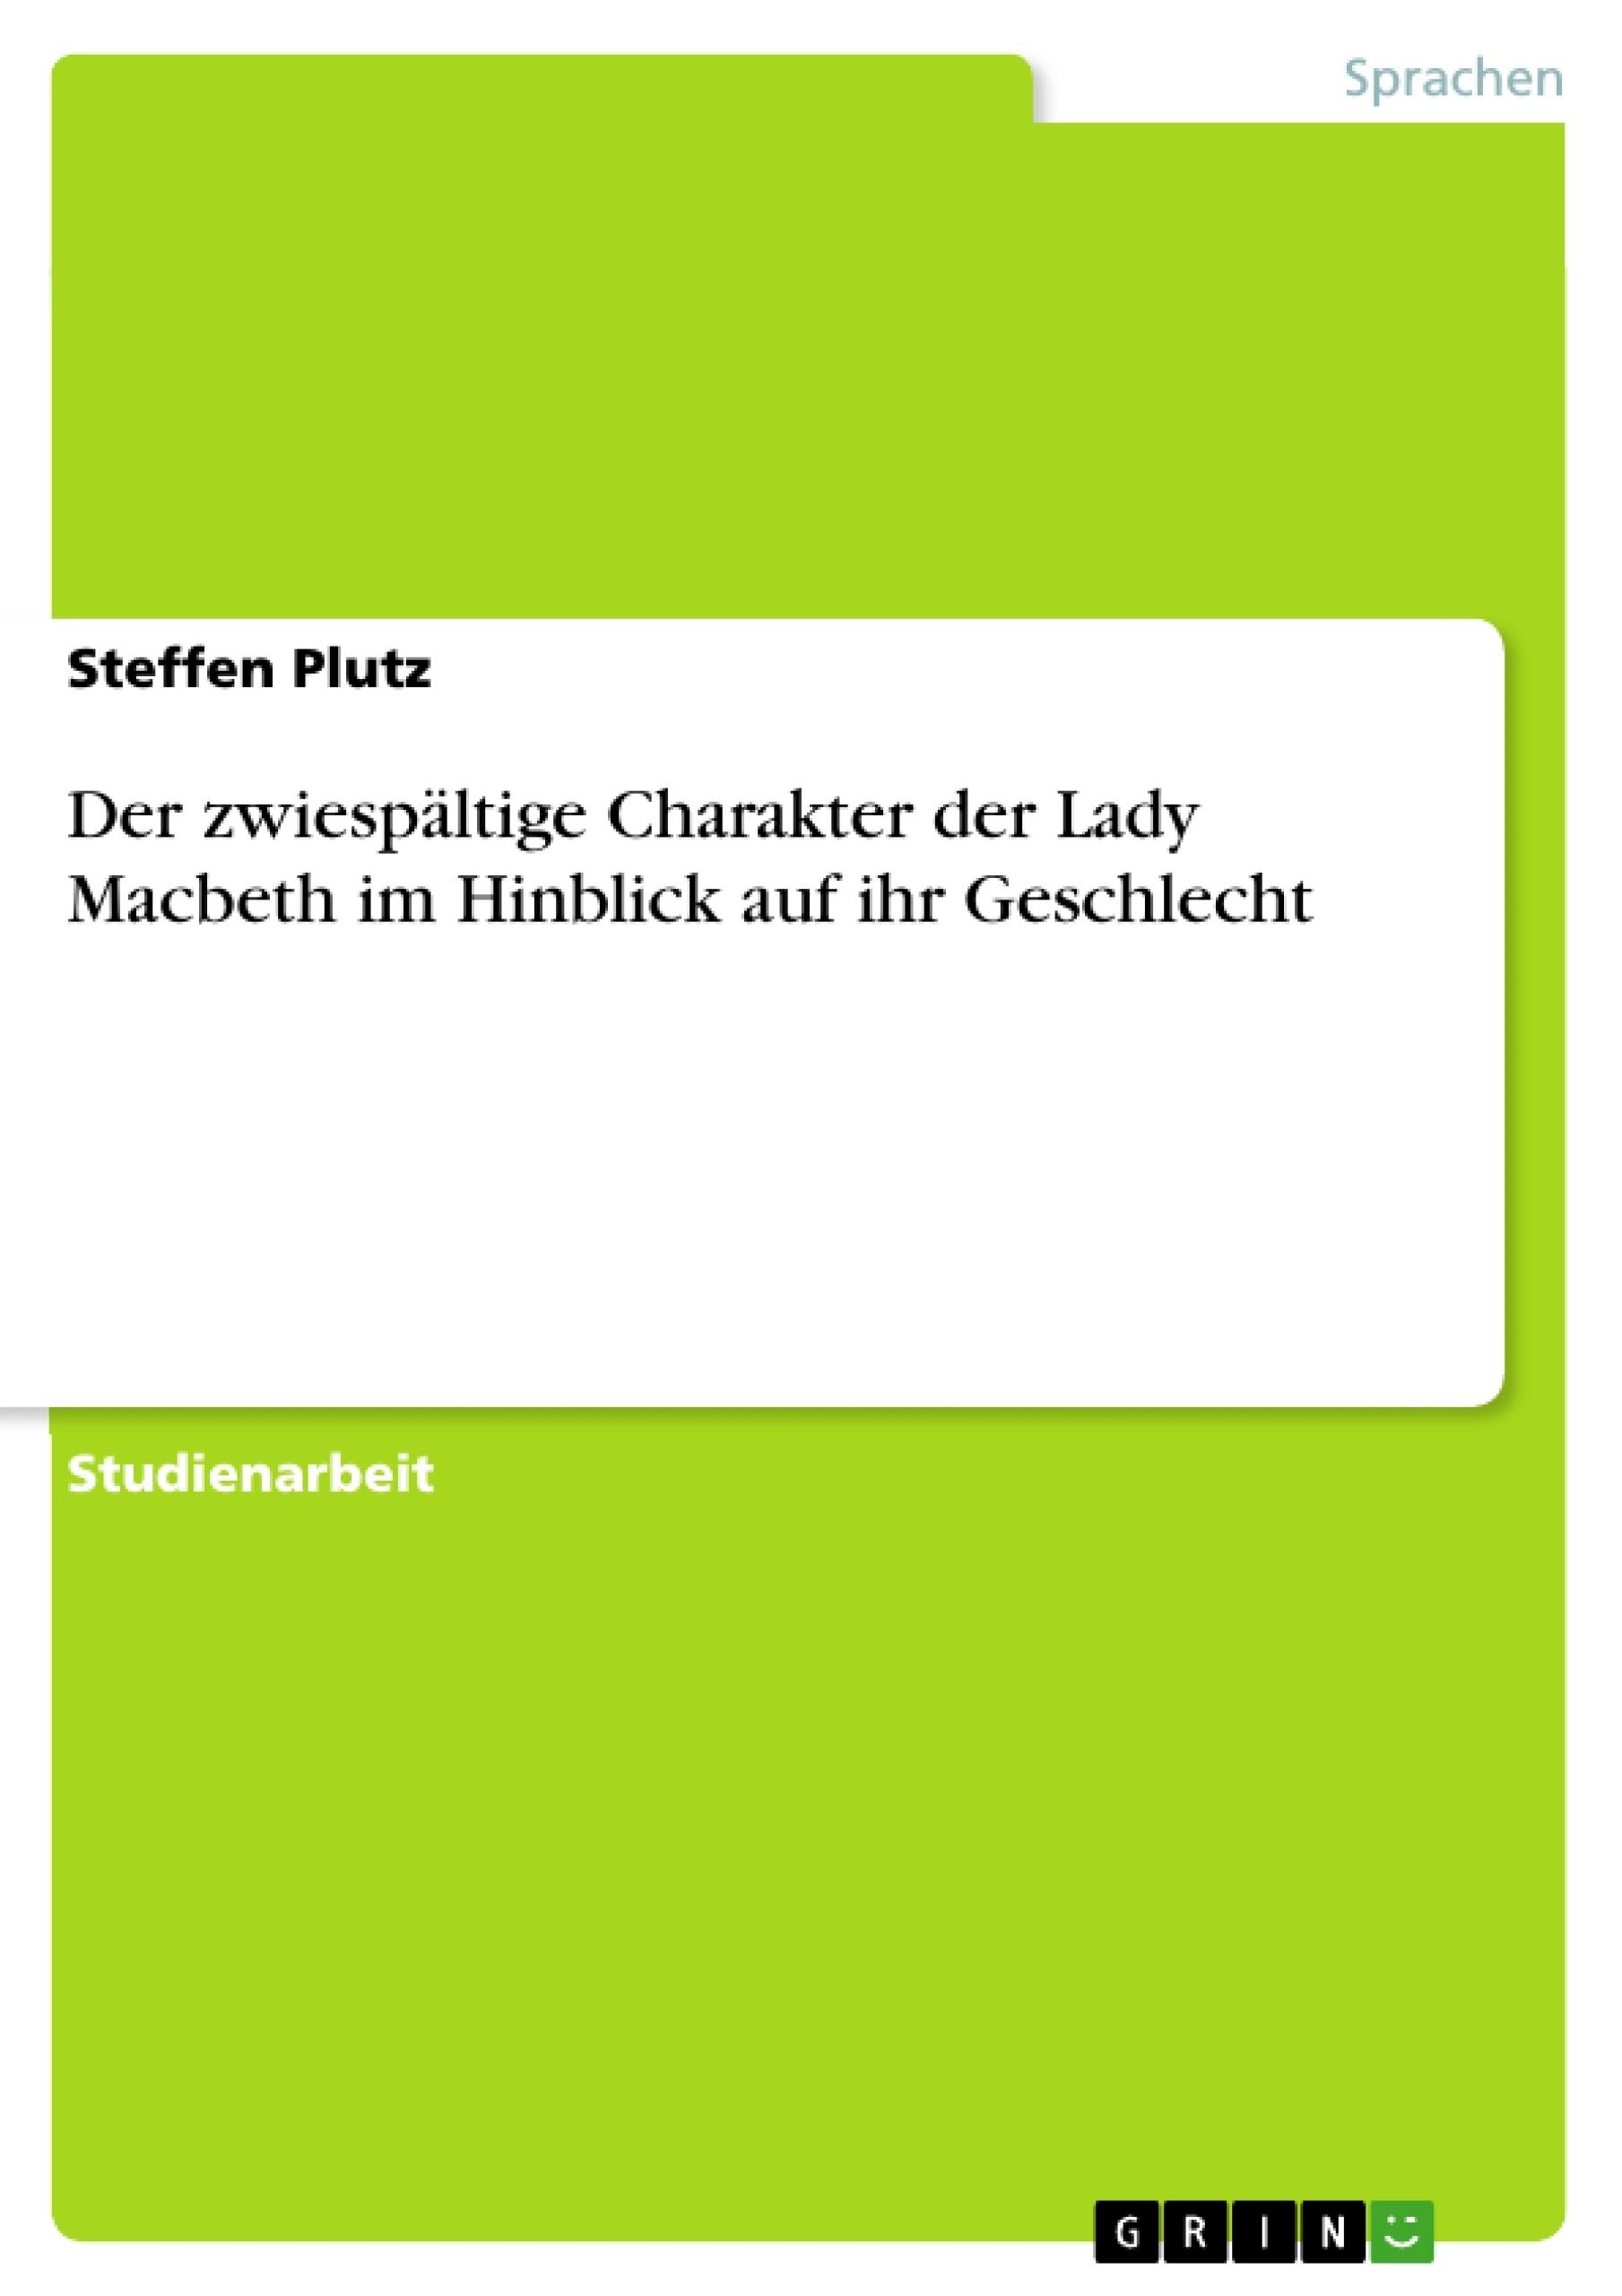 Titel: Der zwiespältige Charakter der Lady Macbeth im Hinblick auf ihr Geschlecht